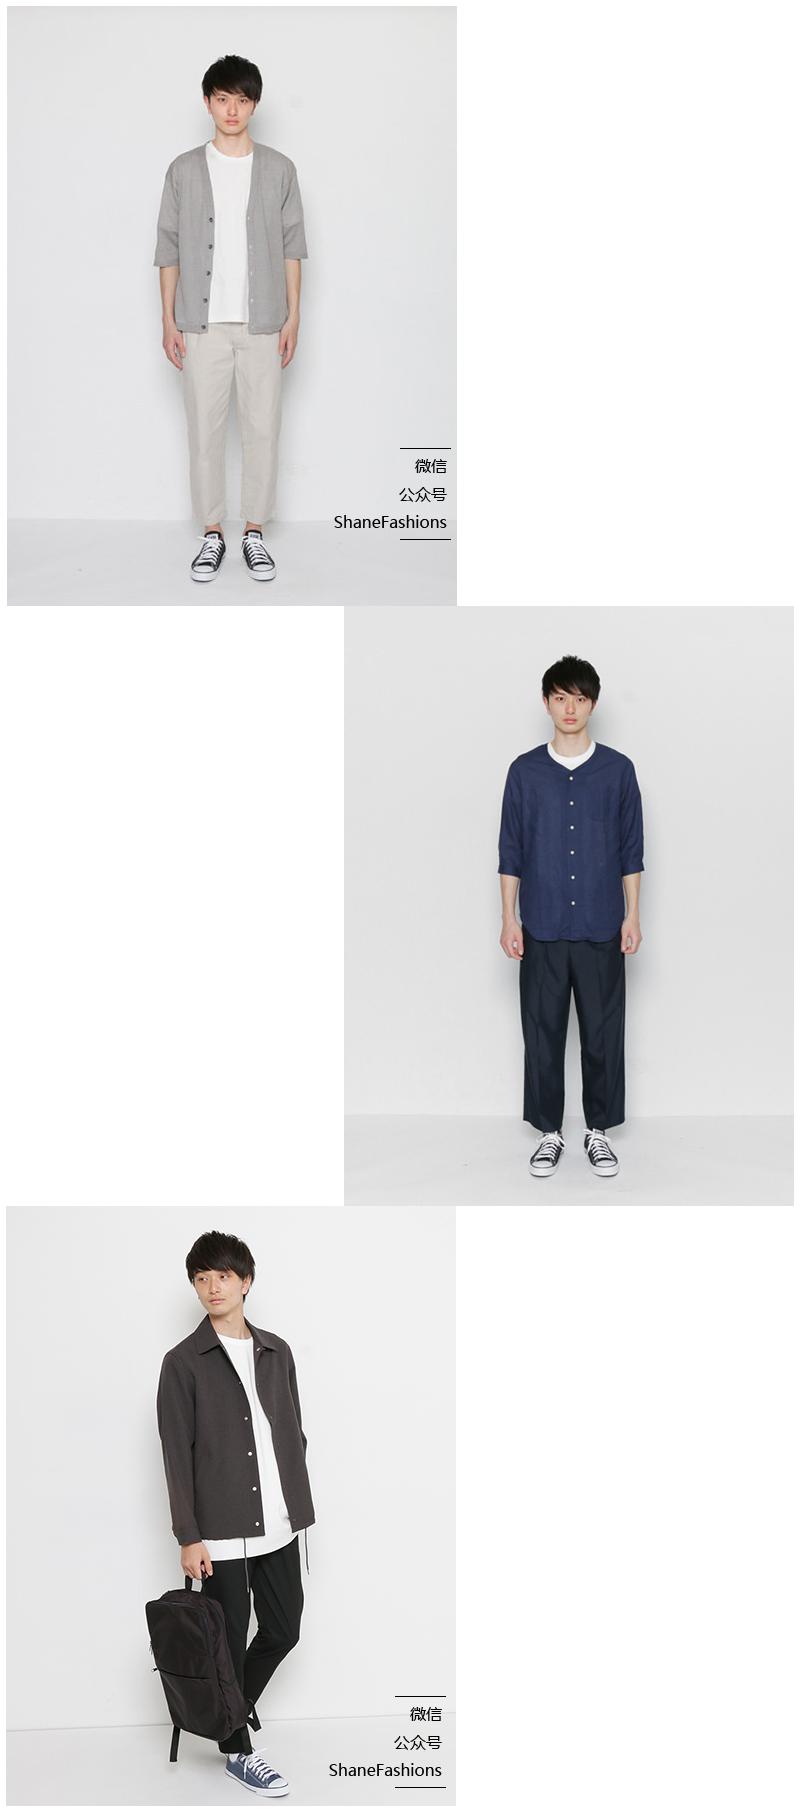 指数 大阪 服装